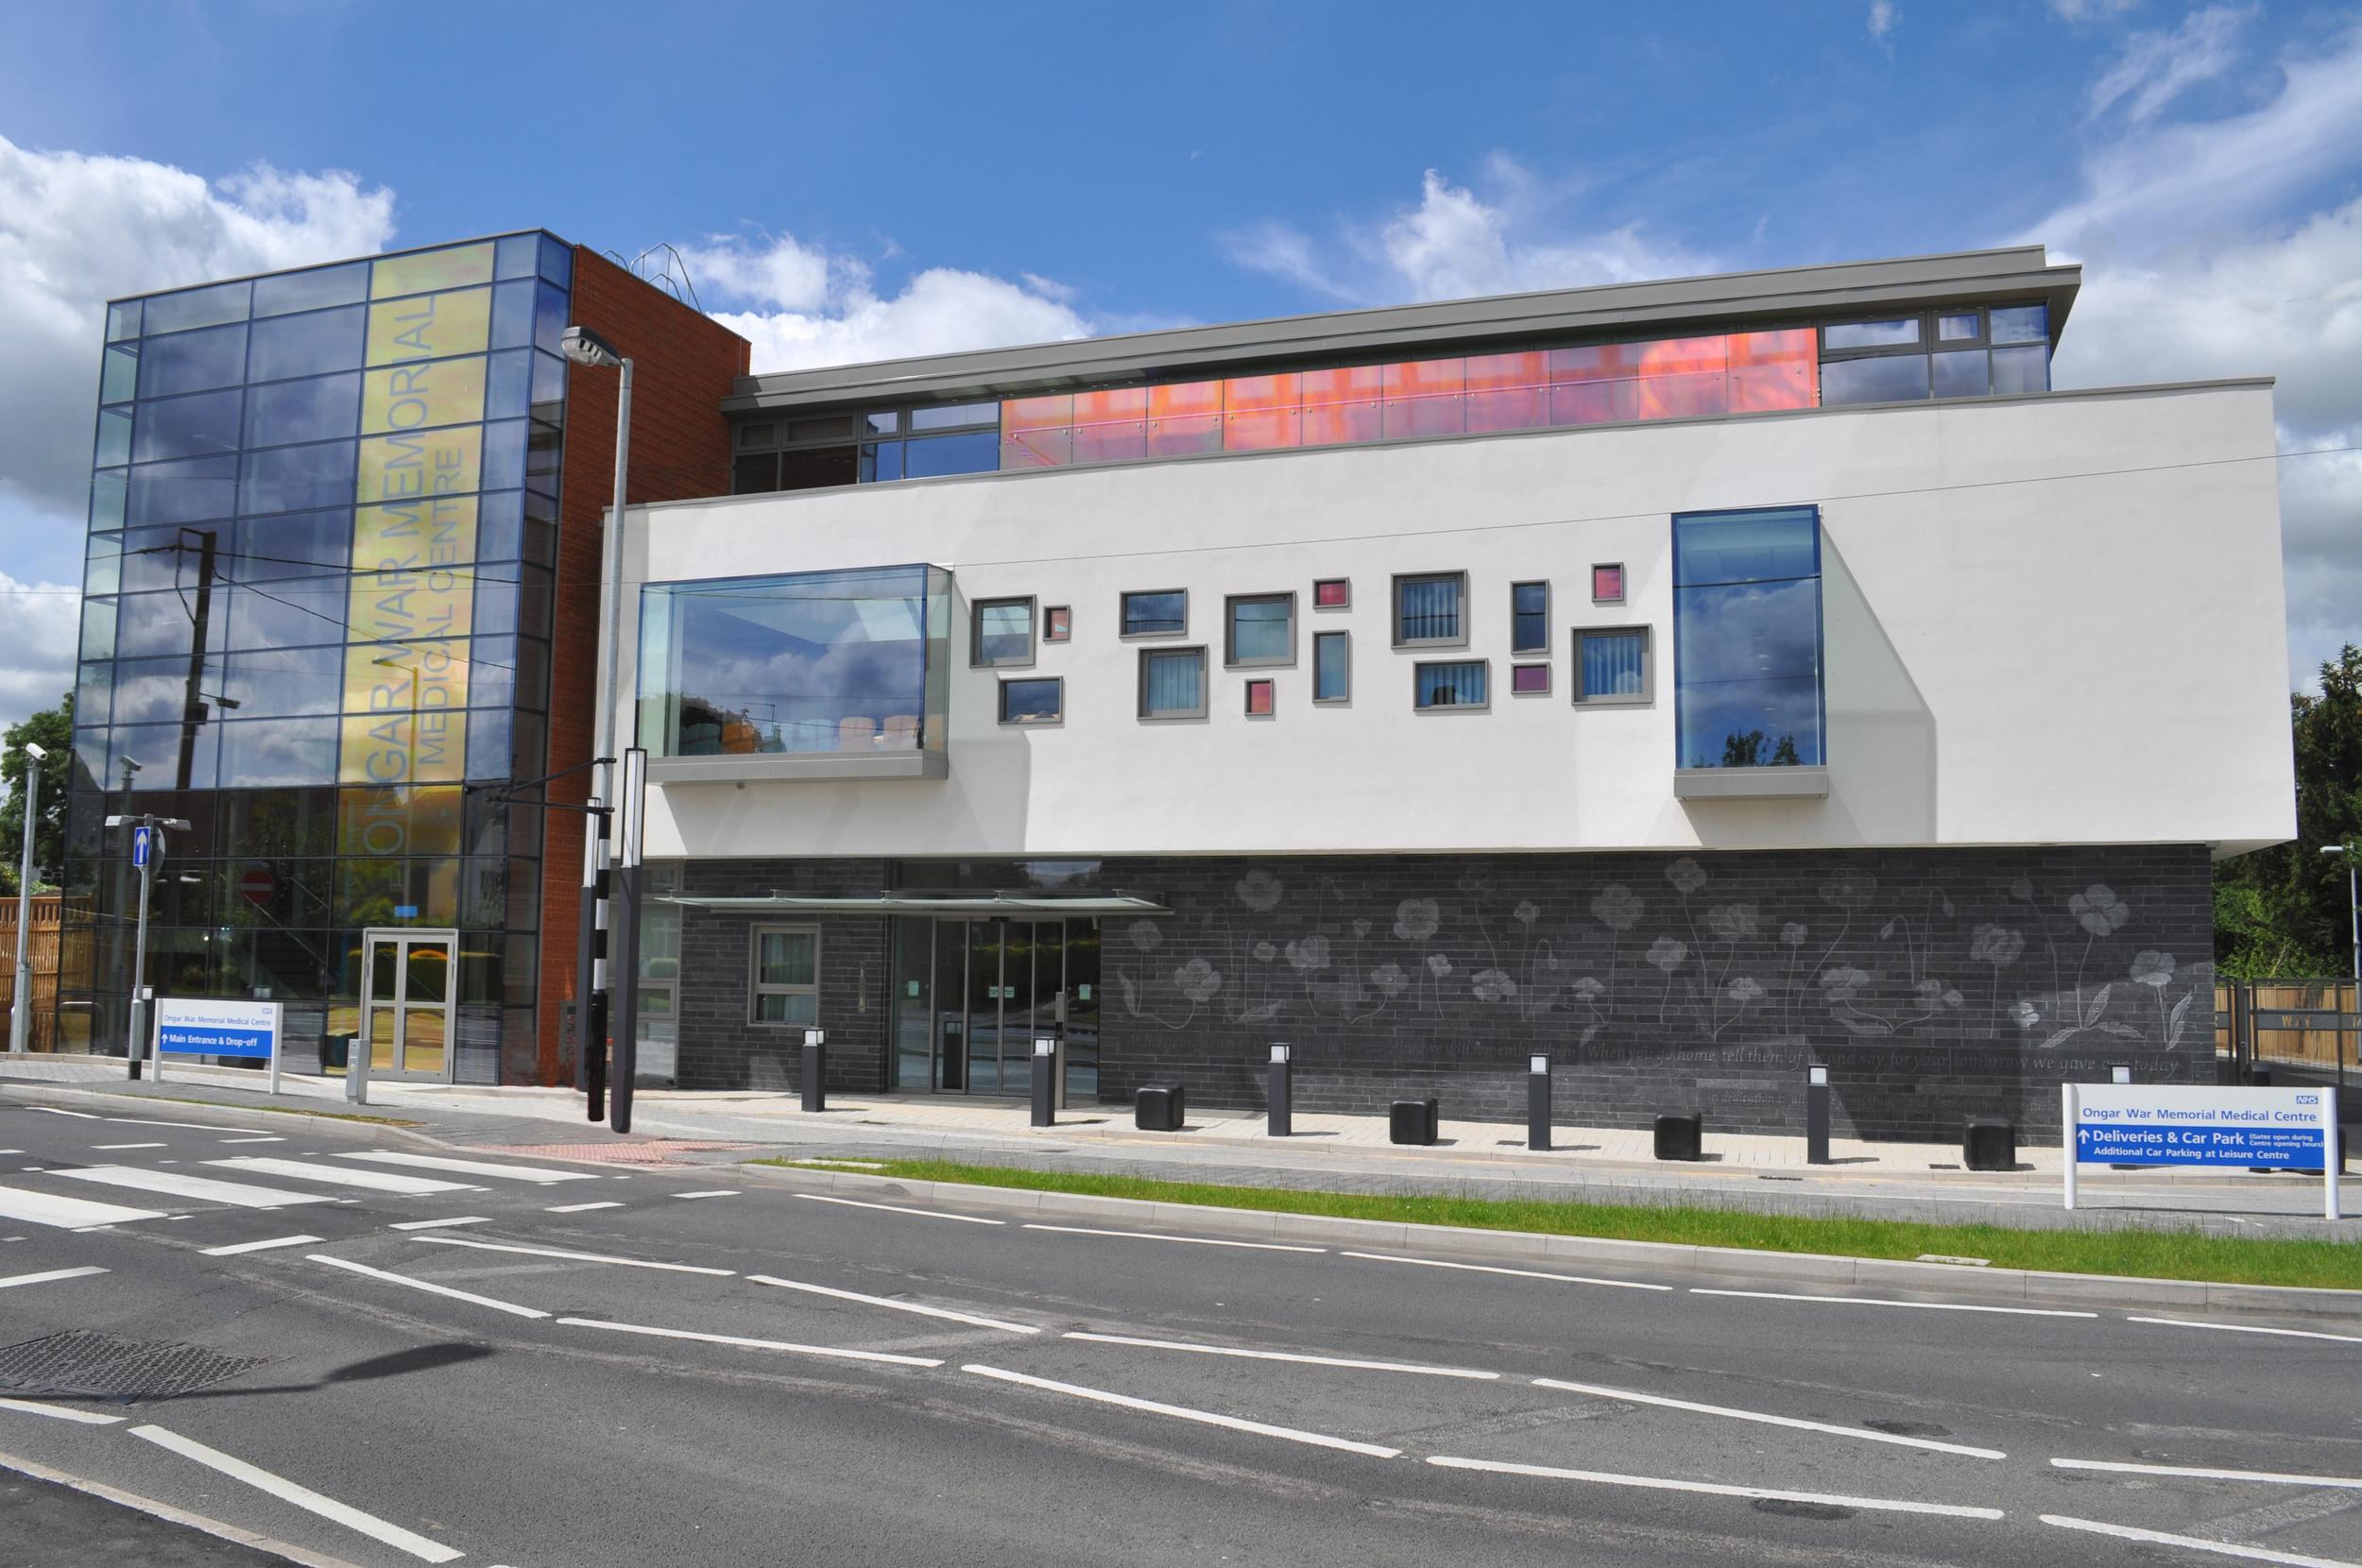 Ongar War Memorial Hospital.